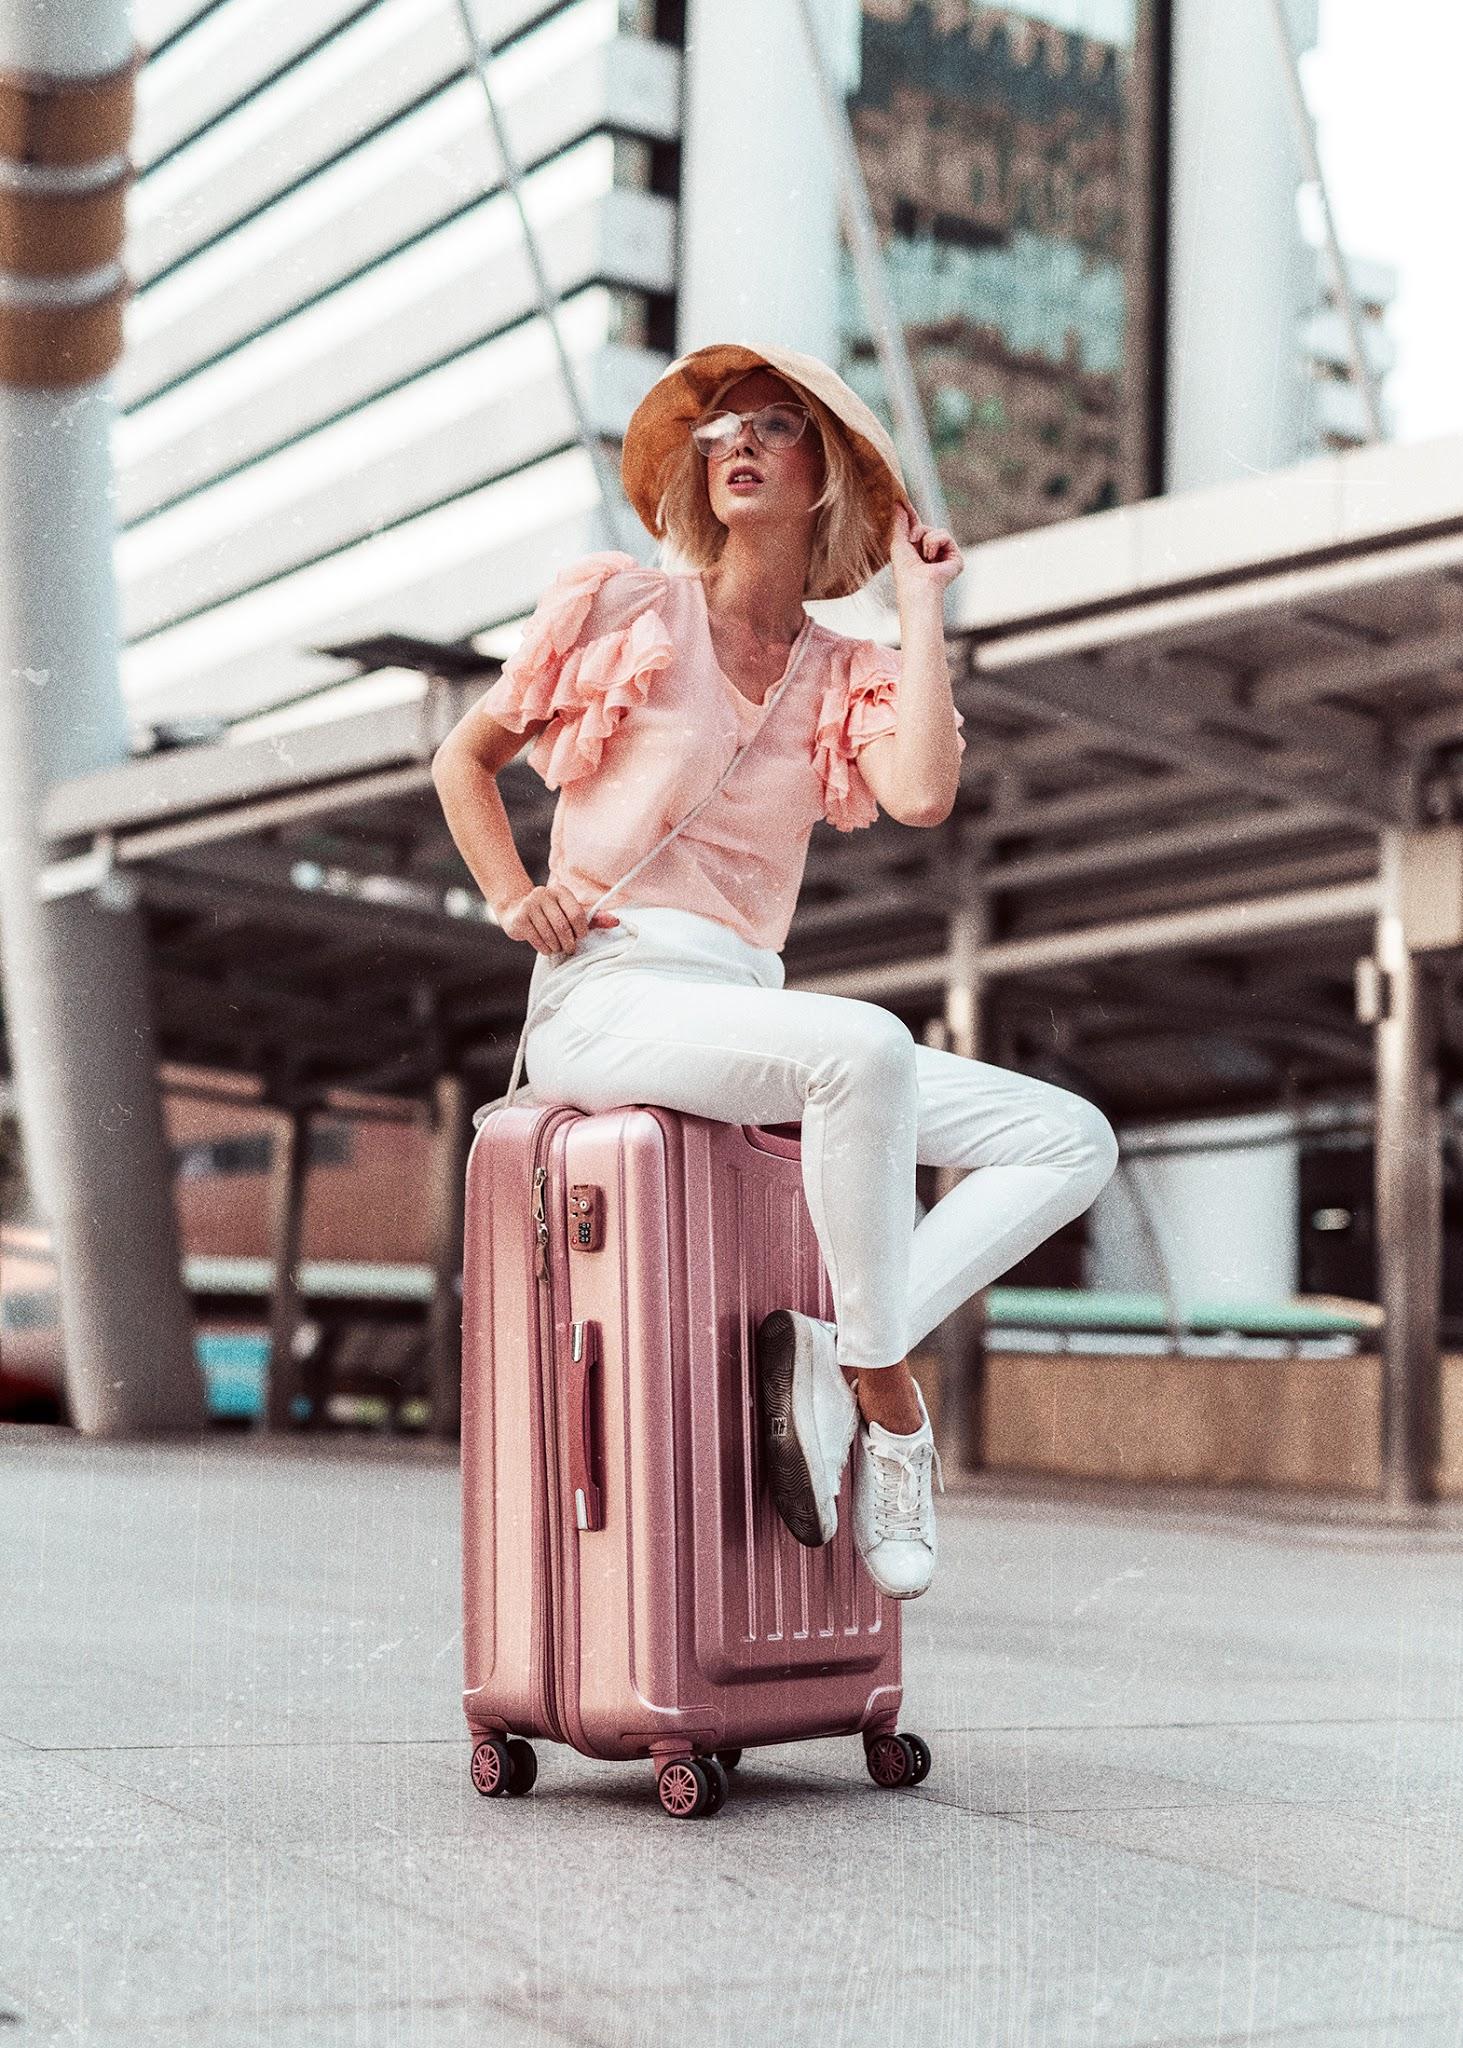 Elegant woman sitting on suitcase photography